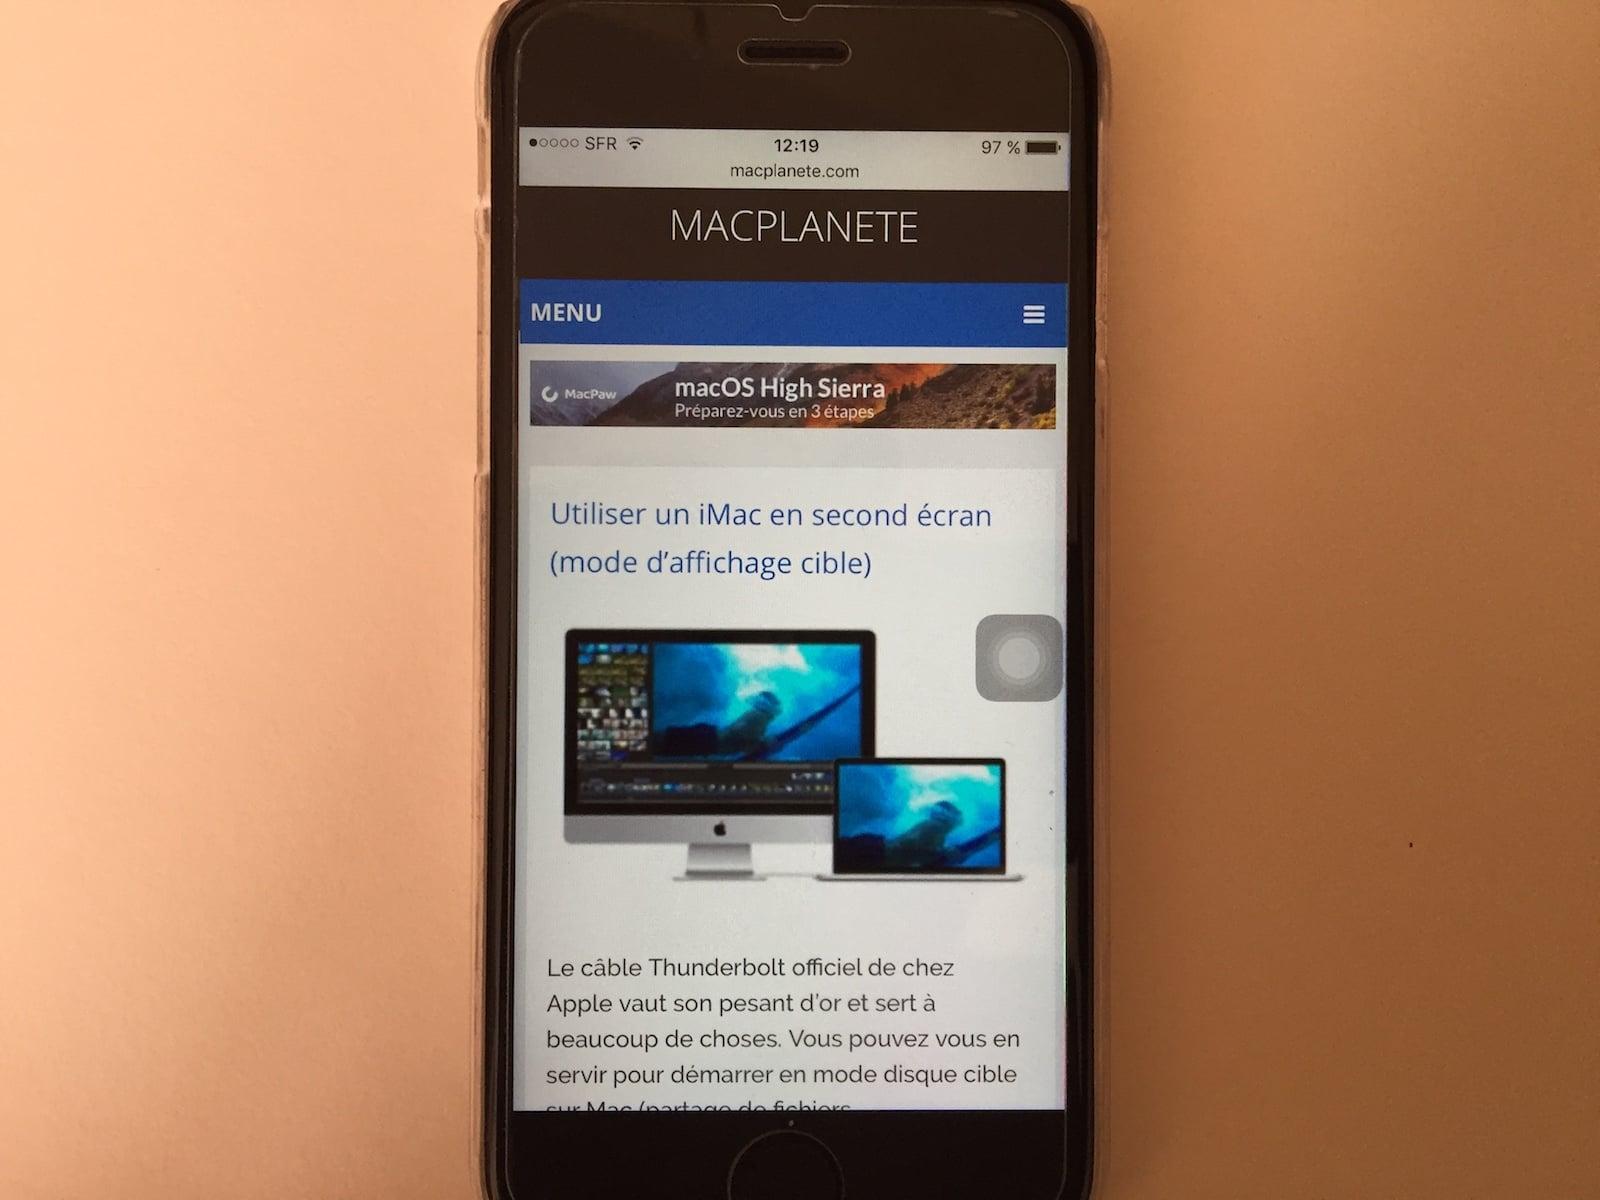 ¿El botón de inicio se rompió en el iPhone? Añada un botón de inicio virtual!